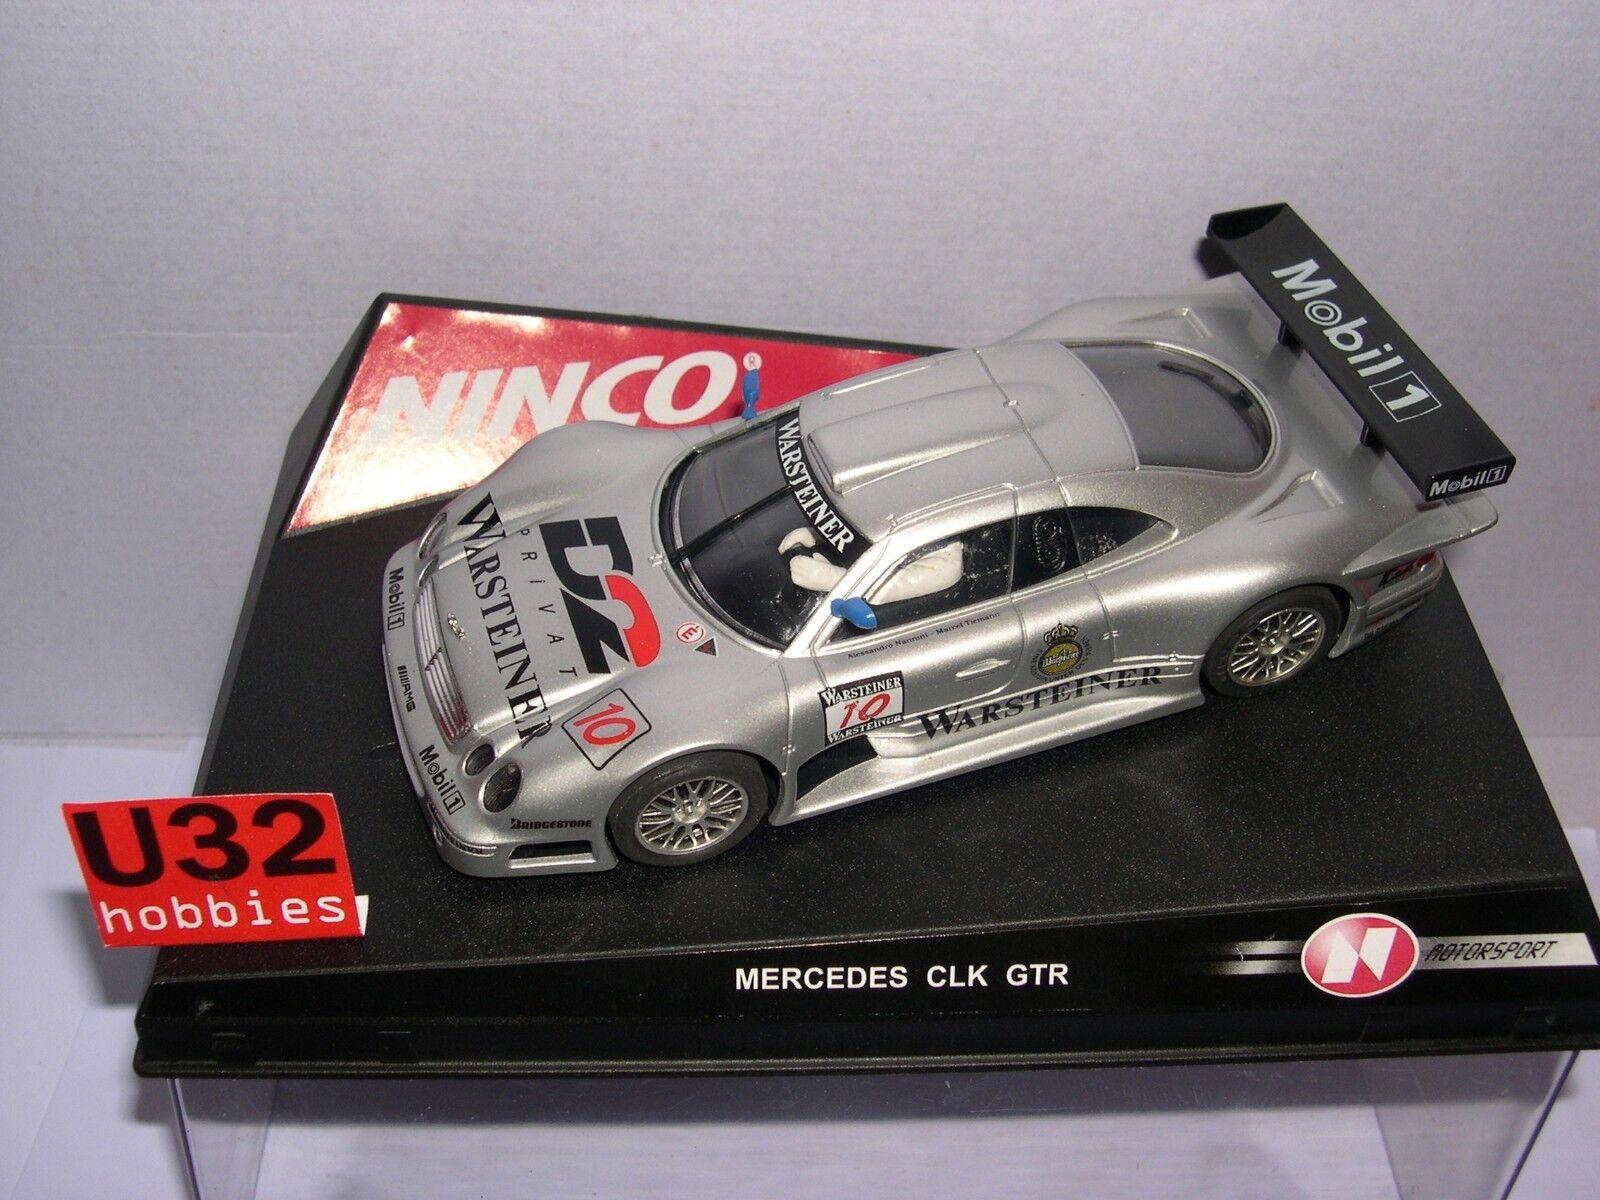 Qq 50167 50167 50167 NINCO MERCEDES CLK GTR WARSTEINER gris (ESPEJOS AZULES)  precios bajos todos los dias